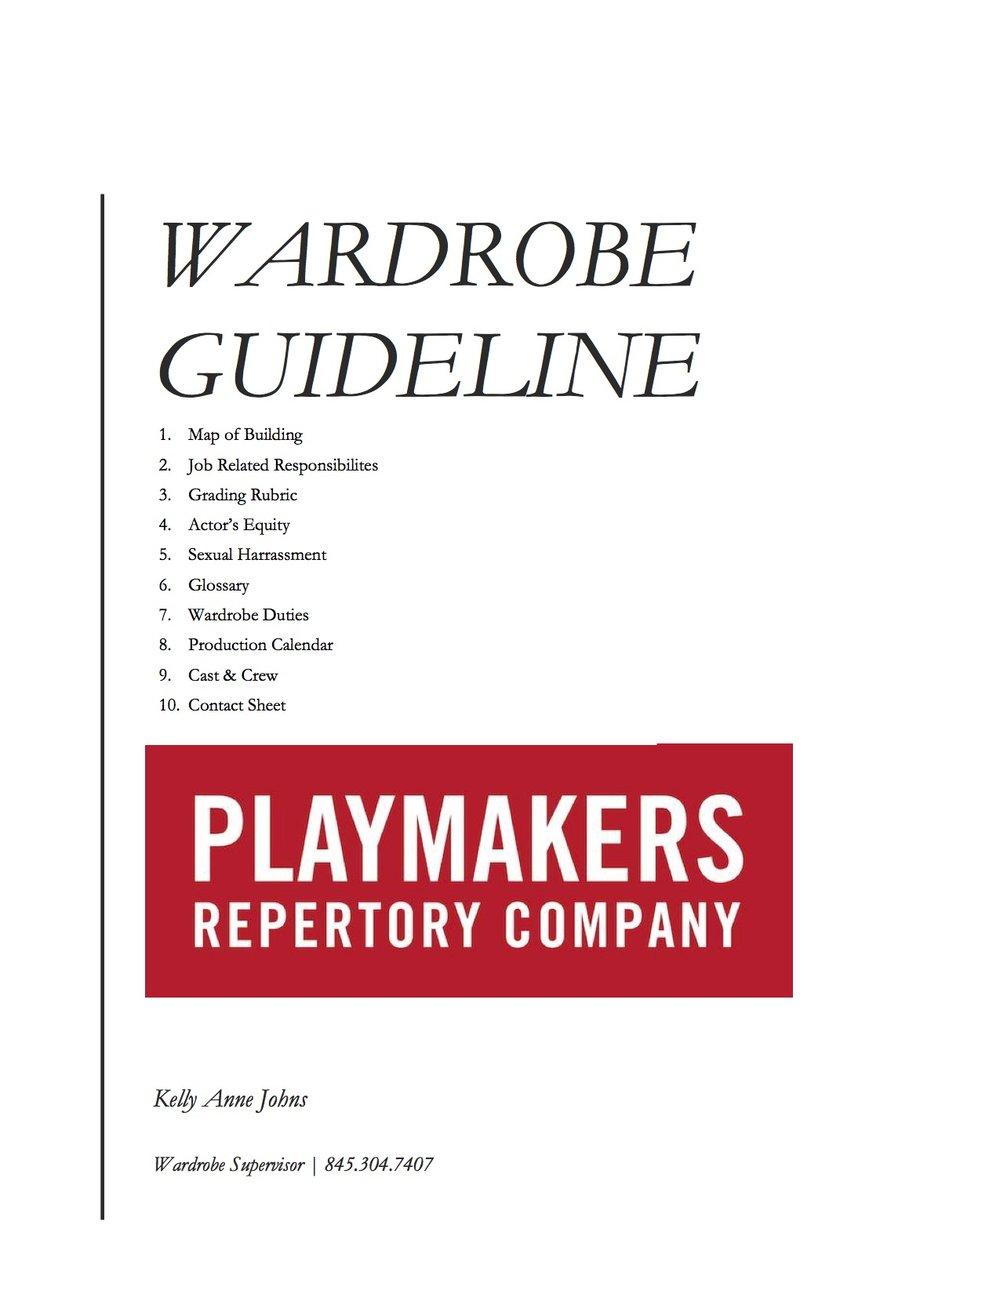 Wardrobe Guidelines 4.24.2018.jpg